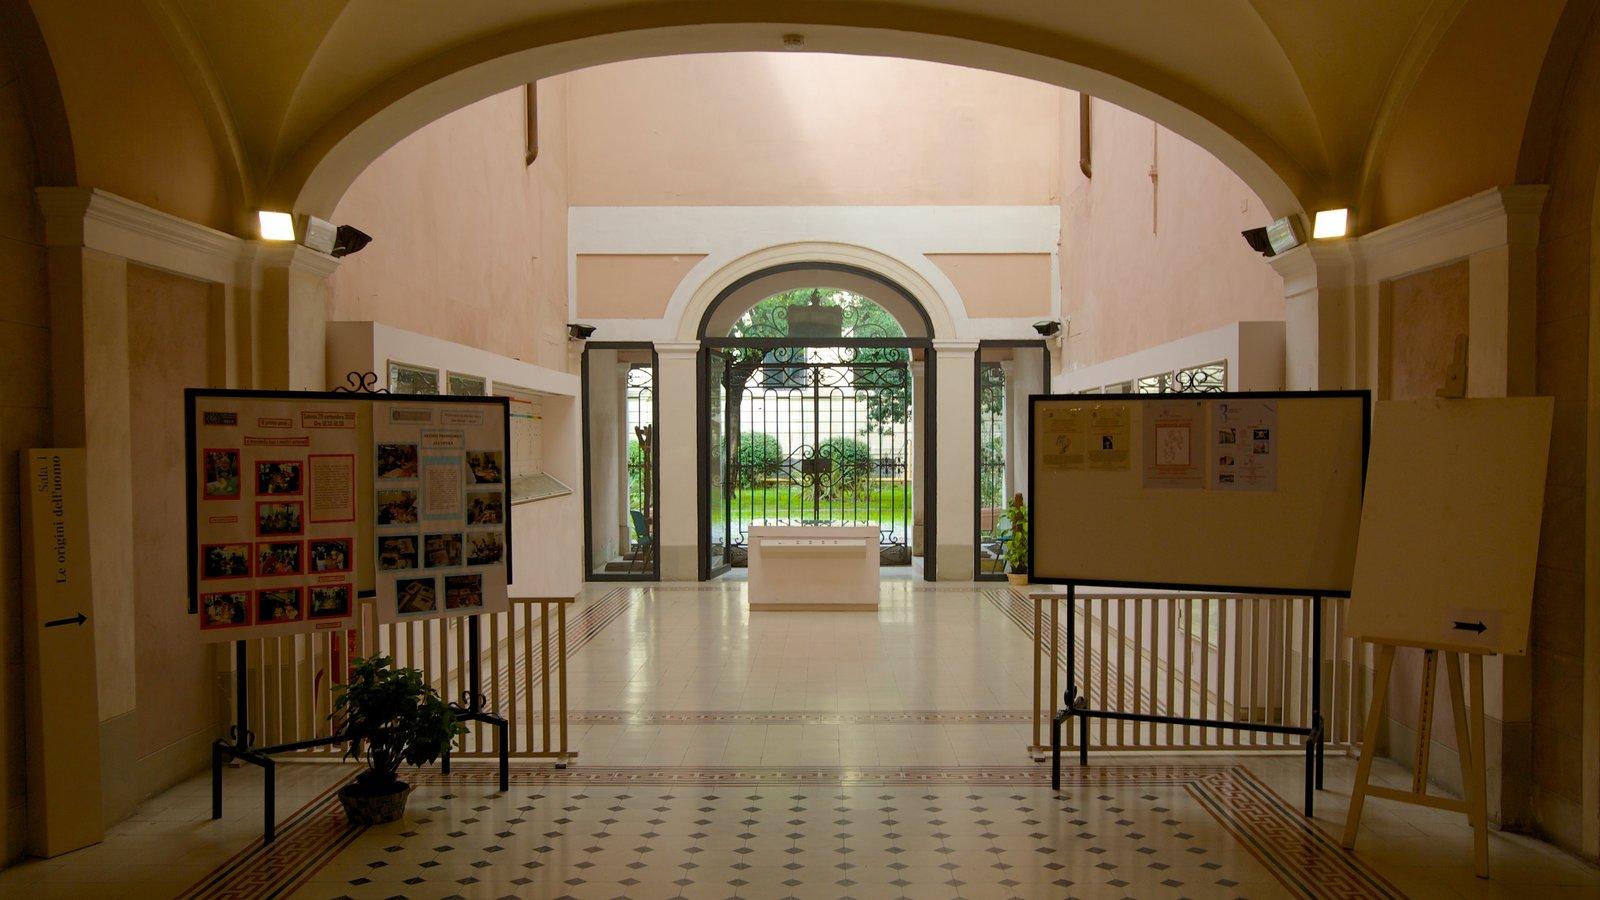 Villa Paolina showing interior views